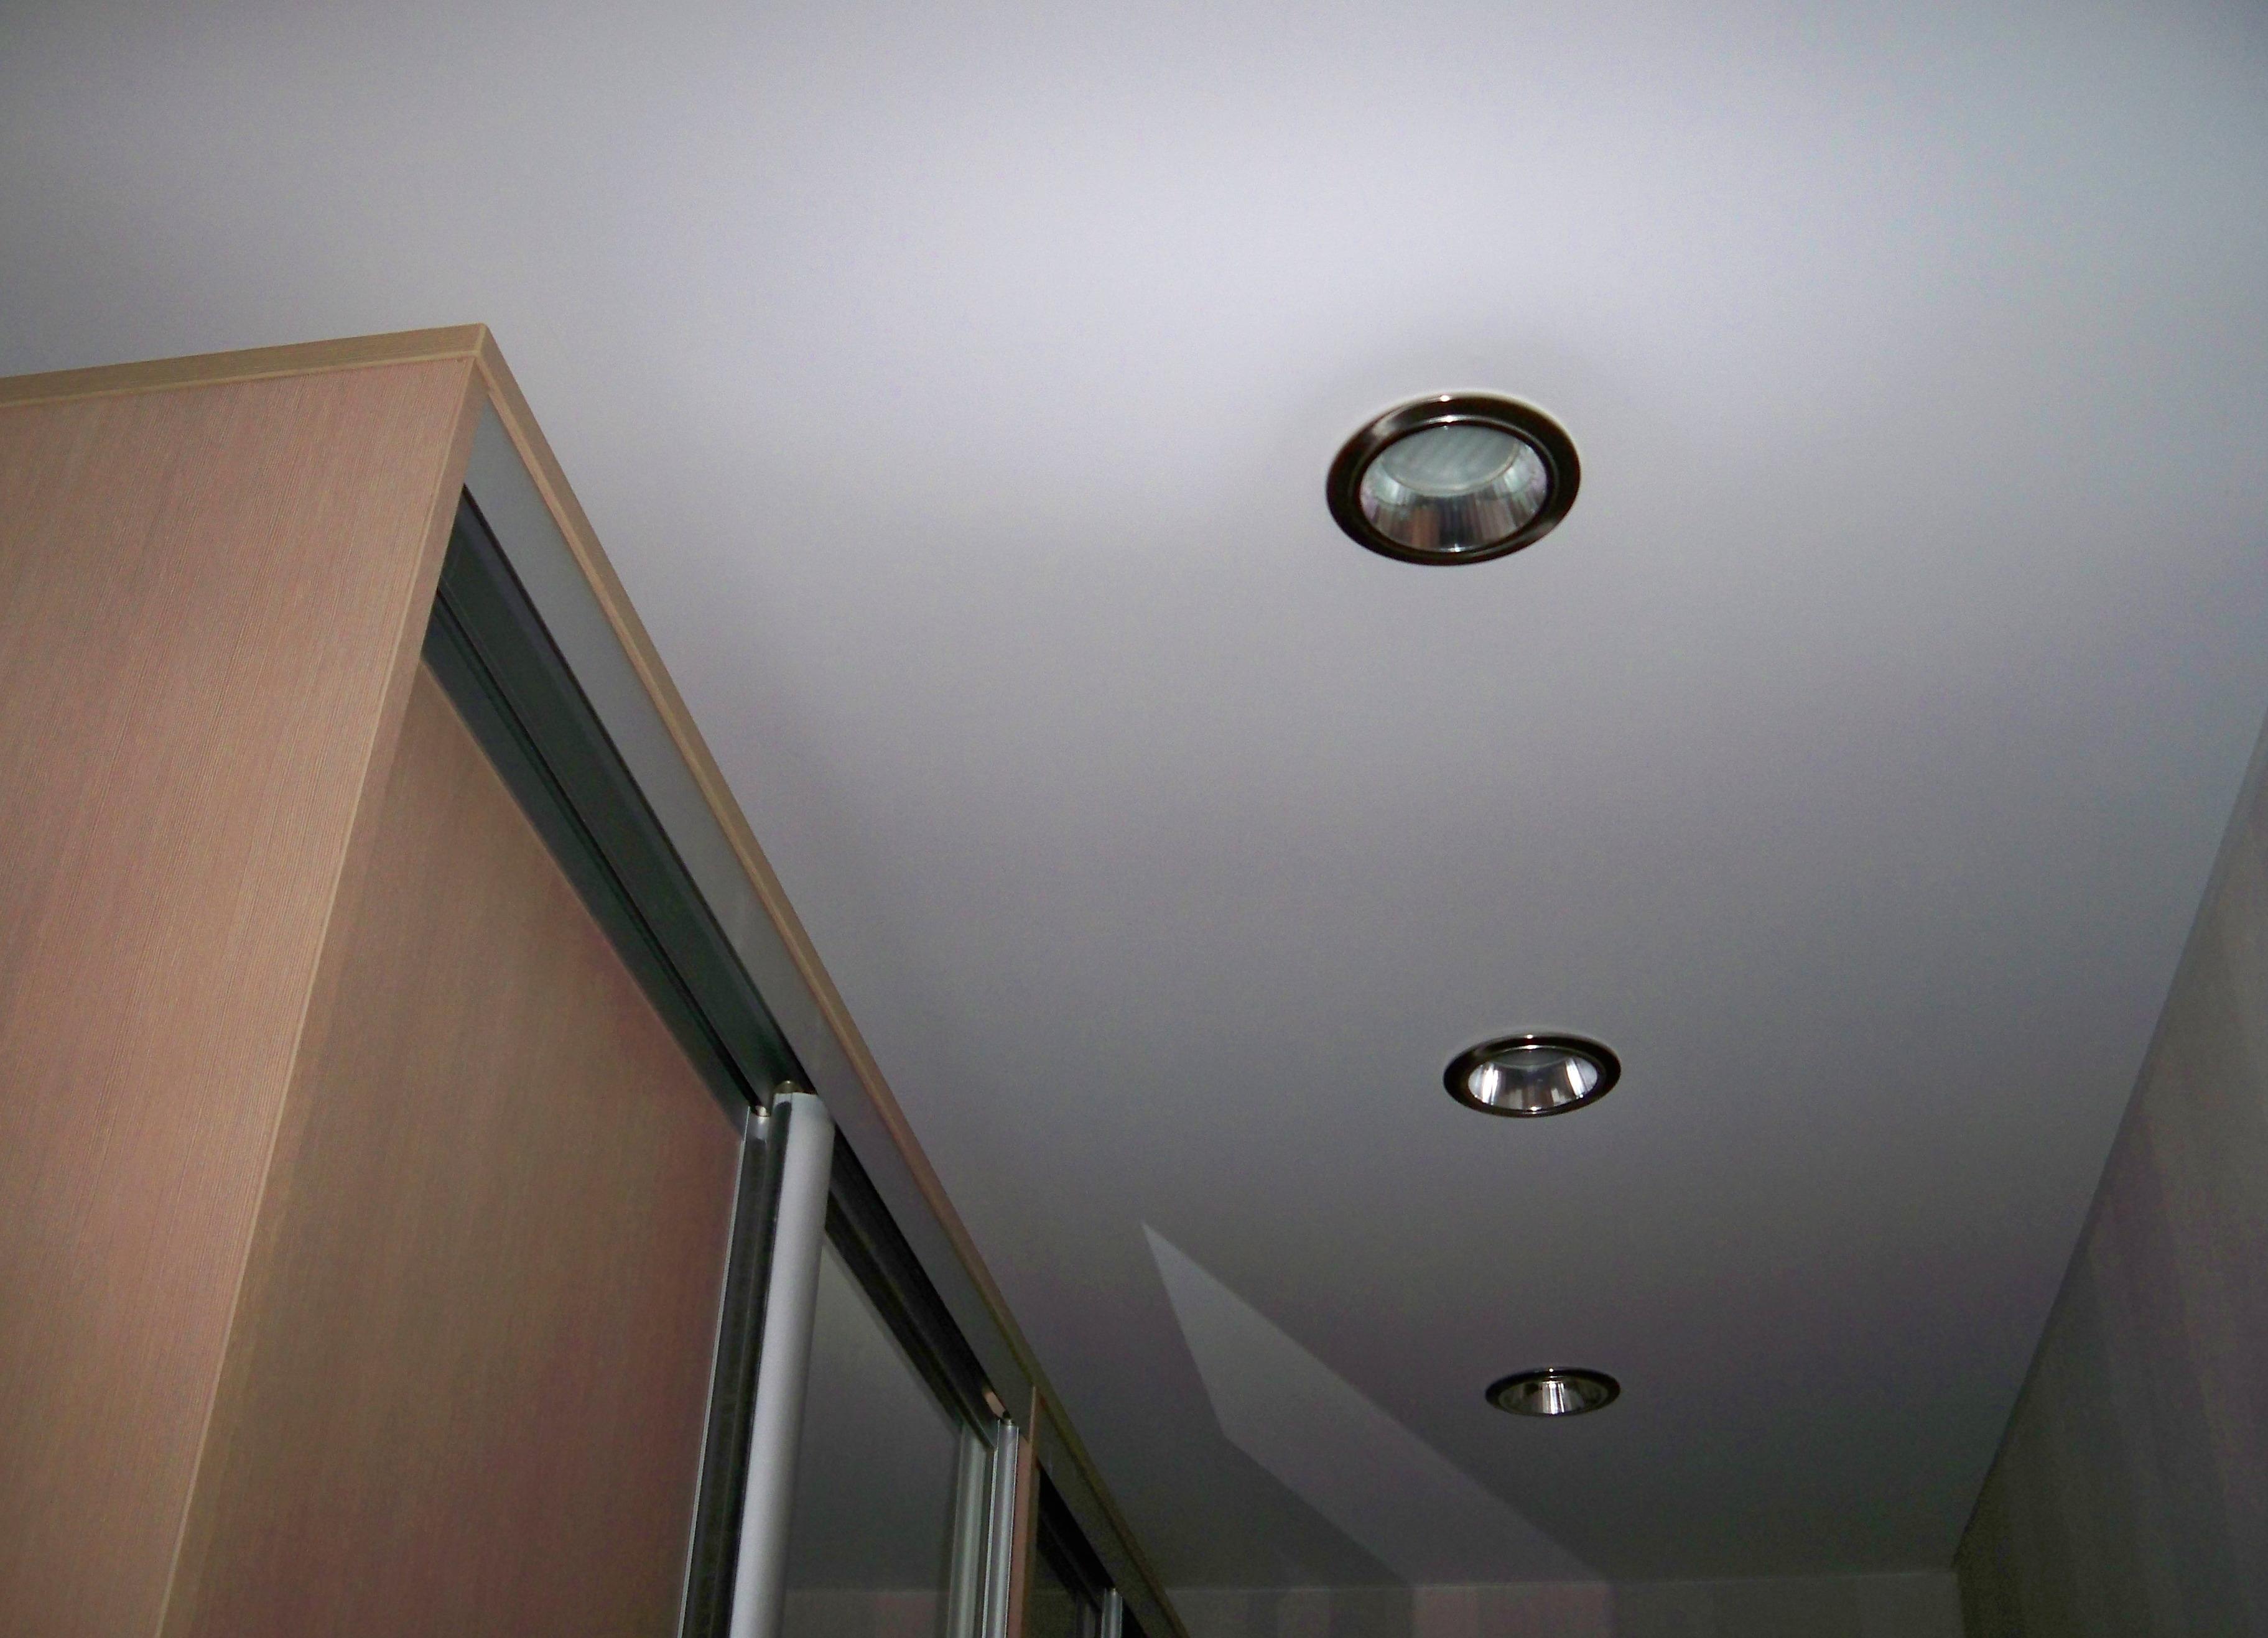 россии может потолок с точечными светильниками фото каких пропорциях